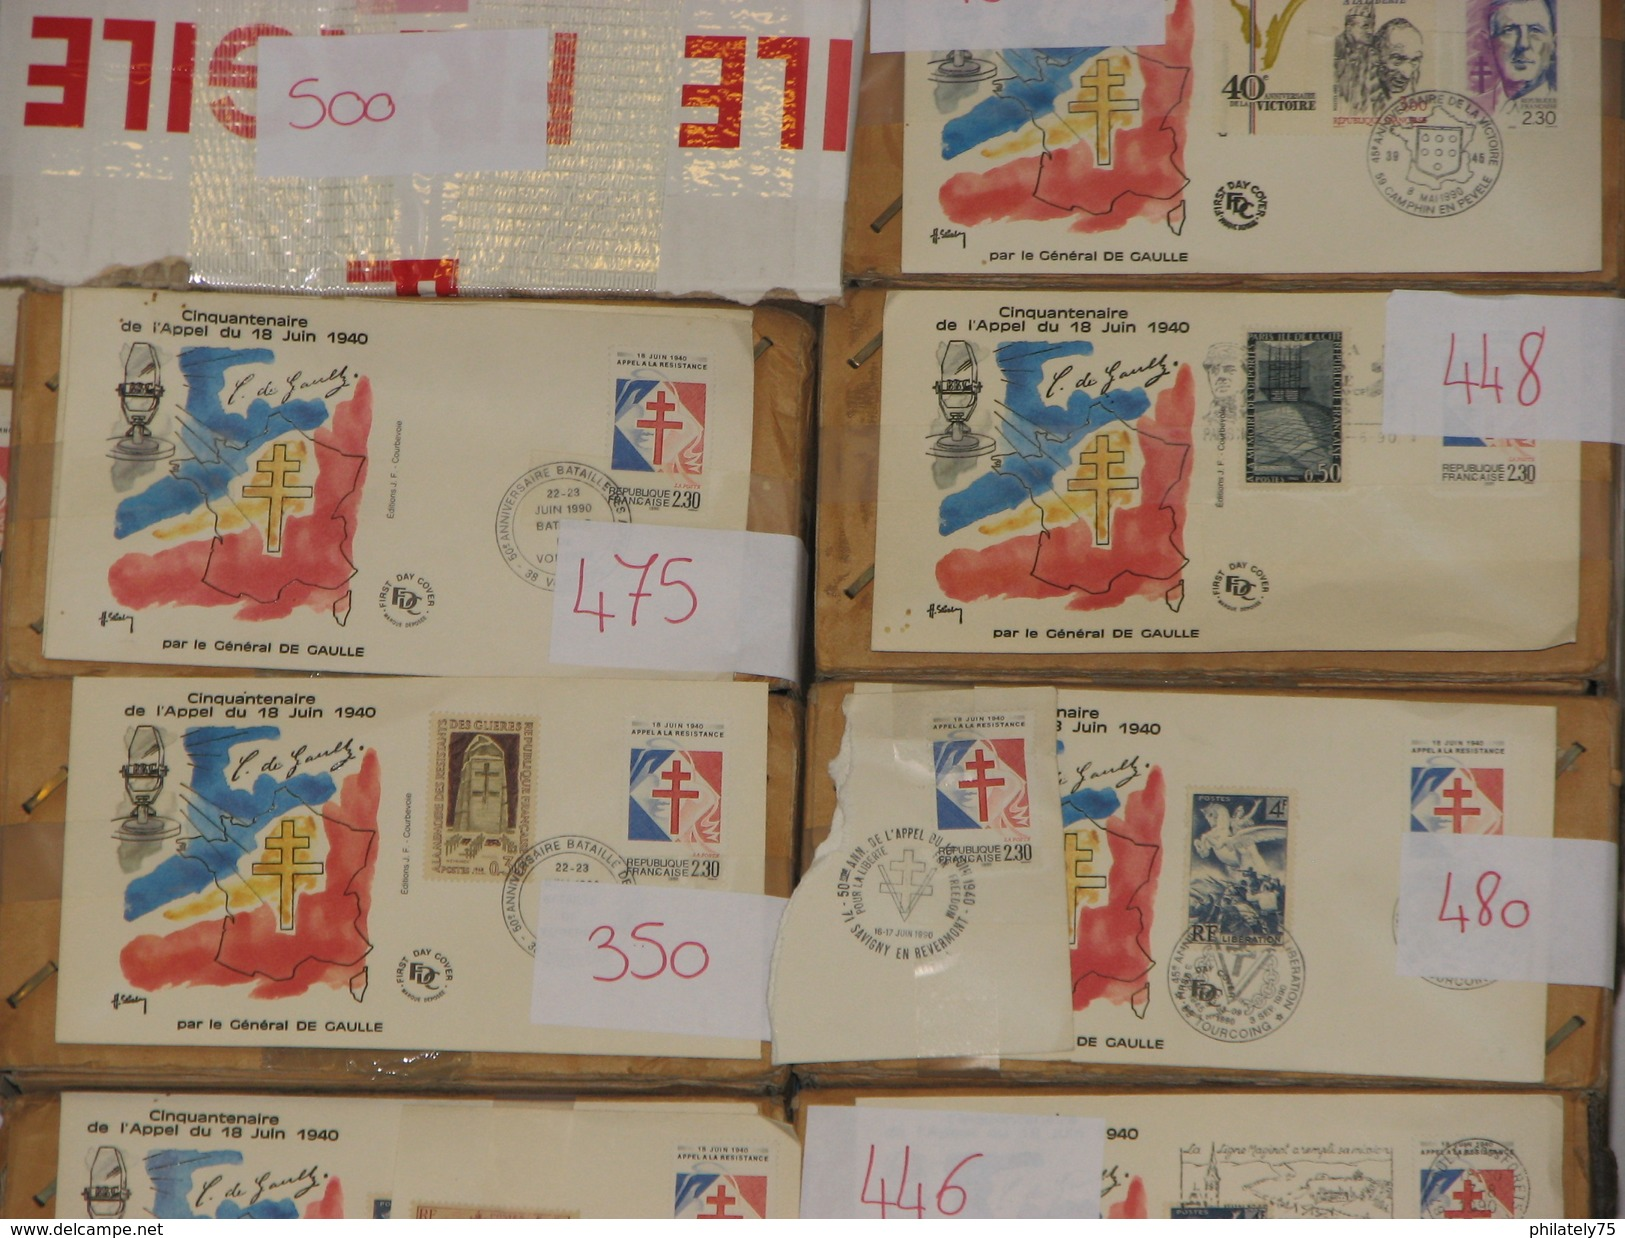 LIQUIDATION DE STOCKS AVANT FERMETURE. 50.000 FDC ET ENVELOPPES COMMEMORATIVES FRANCE 1990 DE GAULLE ET APPEL JUIN 1940 - De Gaulle (General)